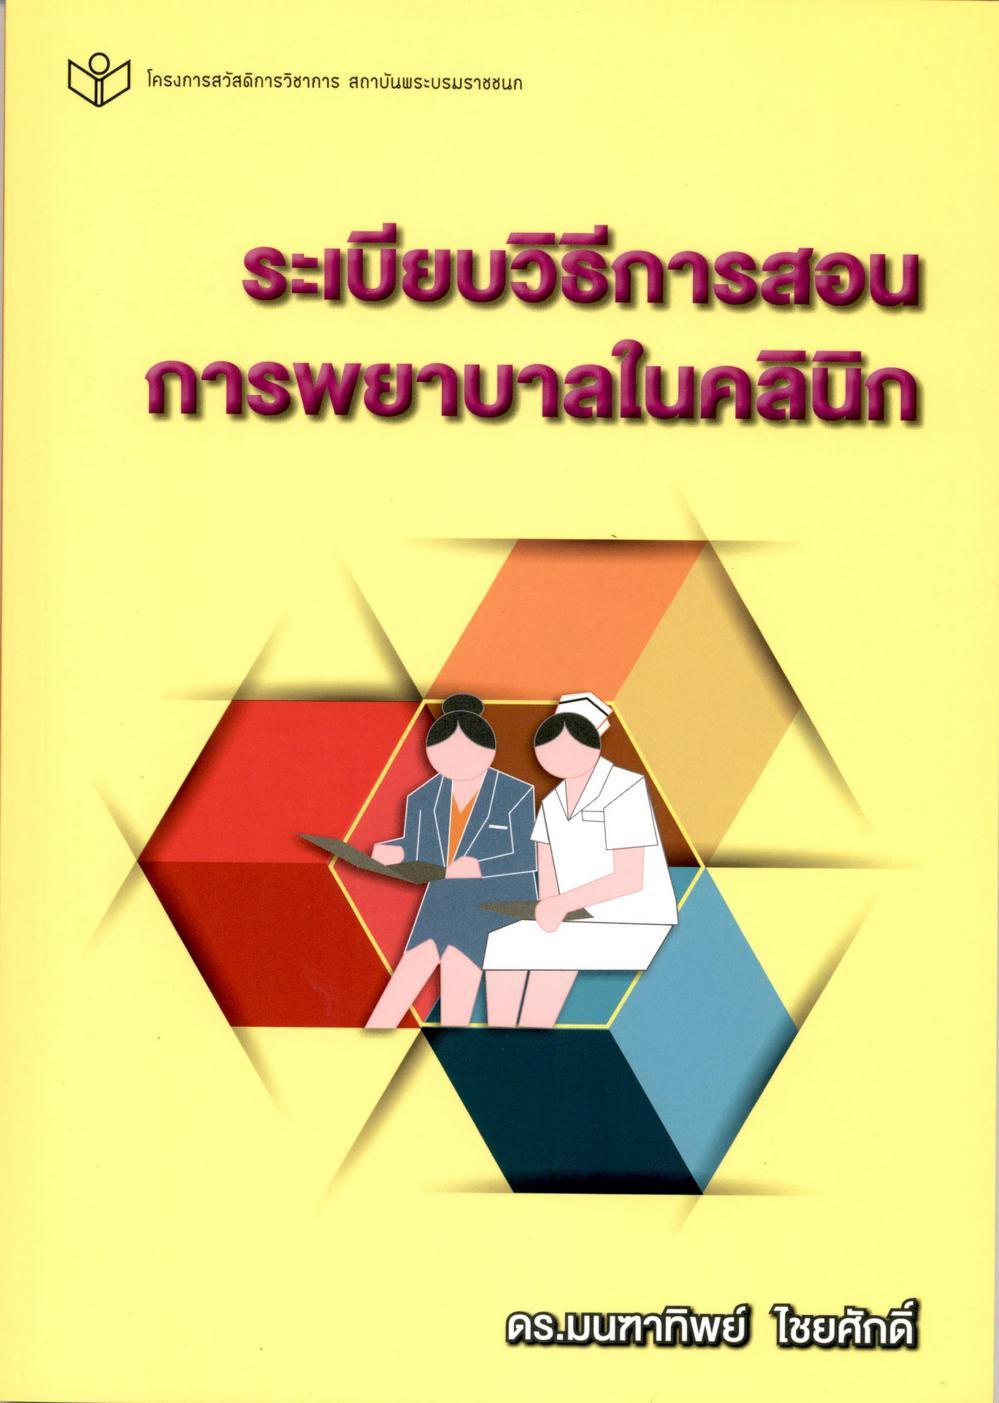 ระเบียบวิธีการสอนการพยาบาลในคลินิก